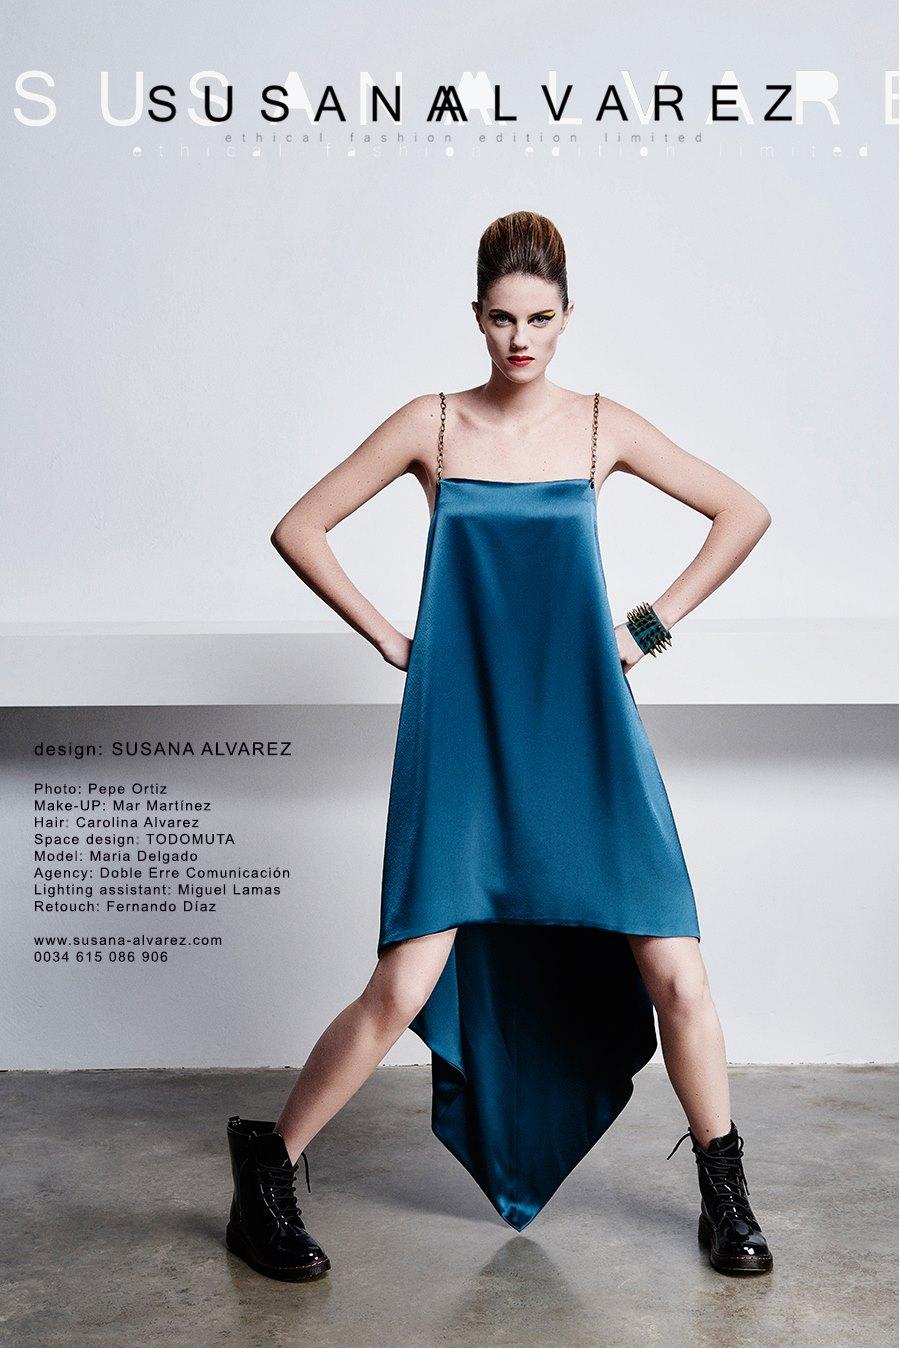 Susana-alvarez-moda-ética